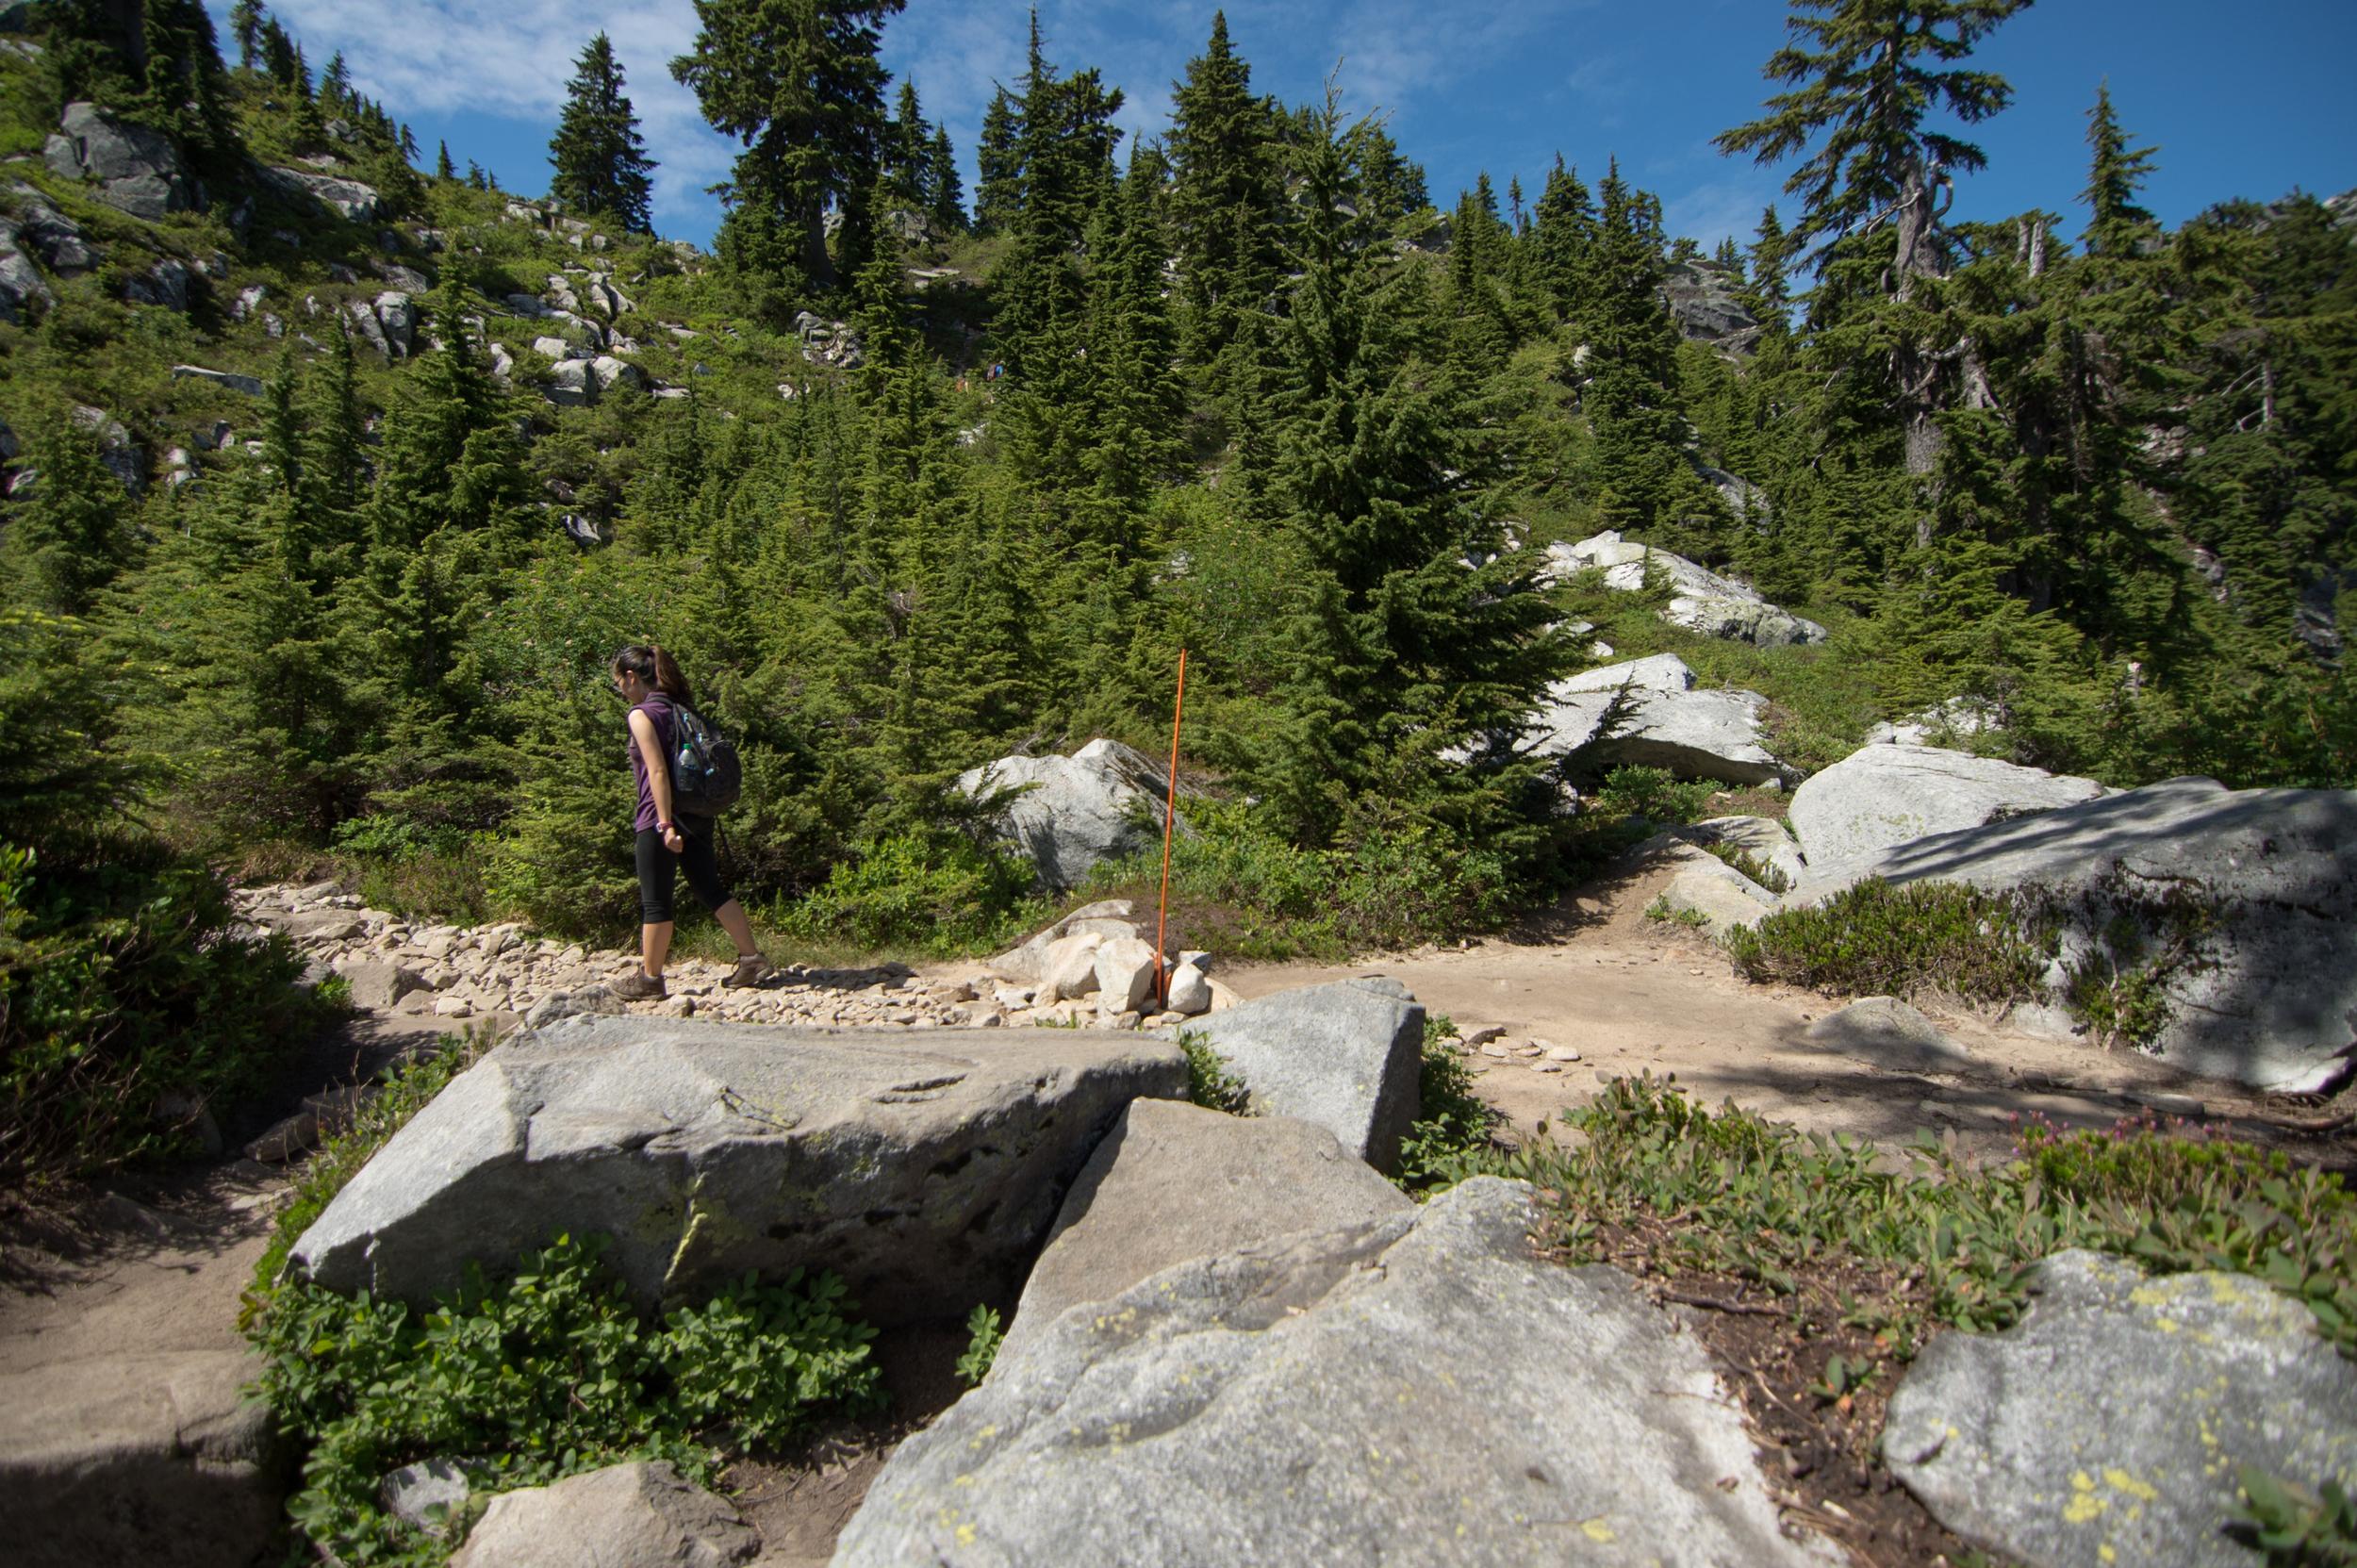 Mount_Pilchuck-20.jpg